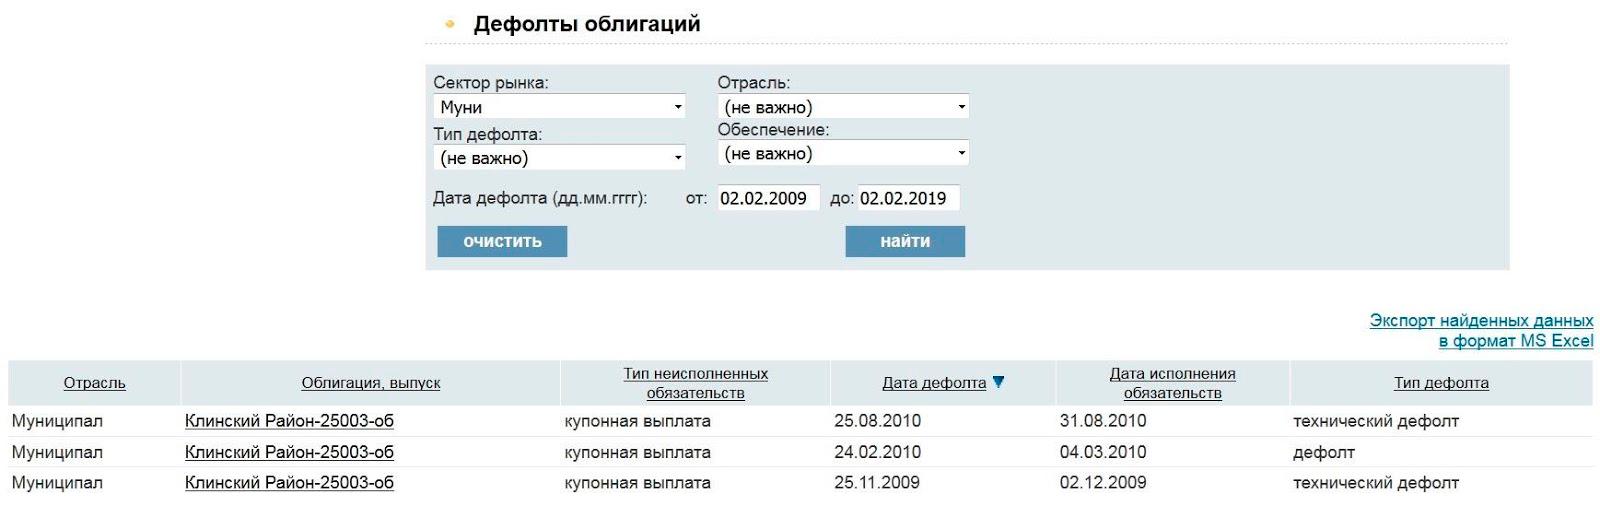 Данные о дефолтах муниципальных облигаций за период со 2 февраля 2009 года по 2 февраля 2019 года с сайта rusbonds.ru. Клинский район дважды допустил технический дефолт по купонным выплатам и один раз — обычный дефолт по ним же. Но деньги при этом никто не потерял, их выплатили, просто позже, чем должны были: смотрите столбец «Дата исполнения обязательств»